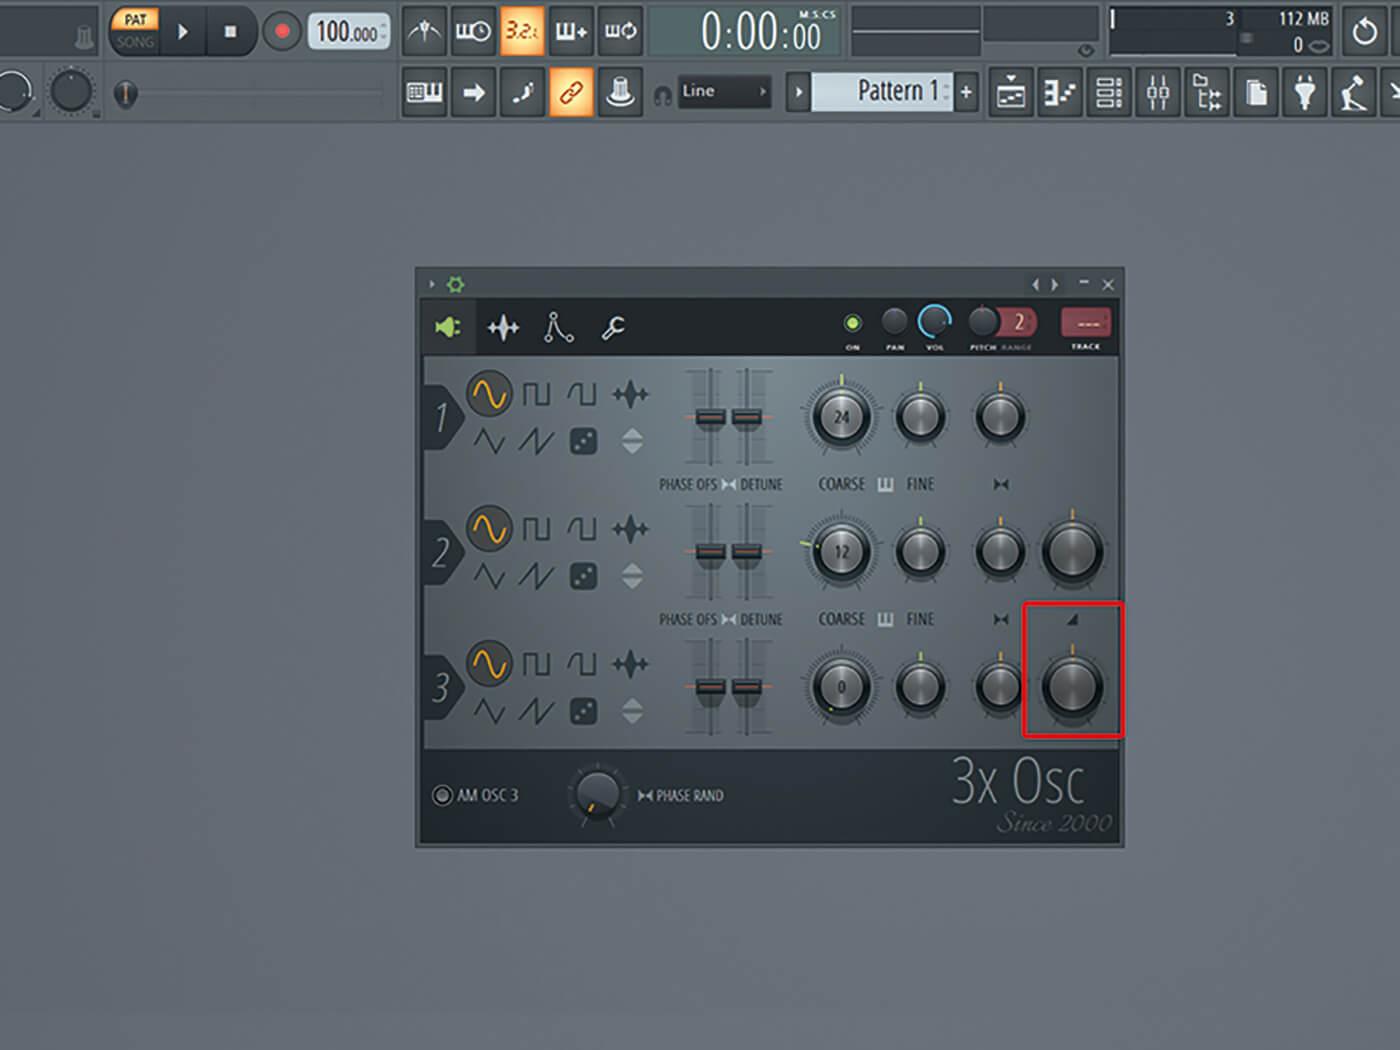 MT 206 TUT FL Studio Part 1